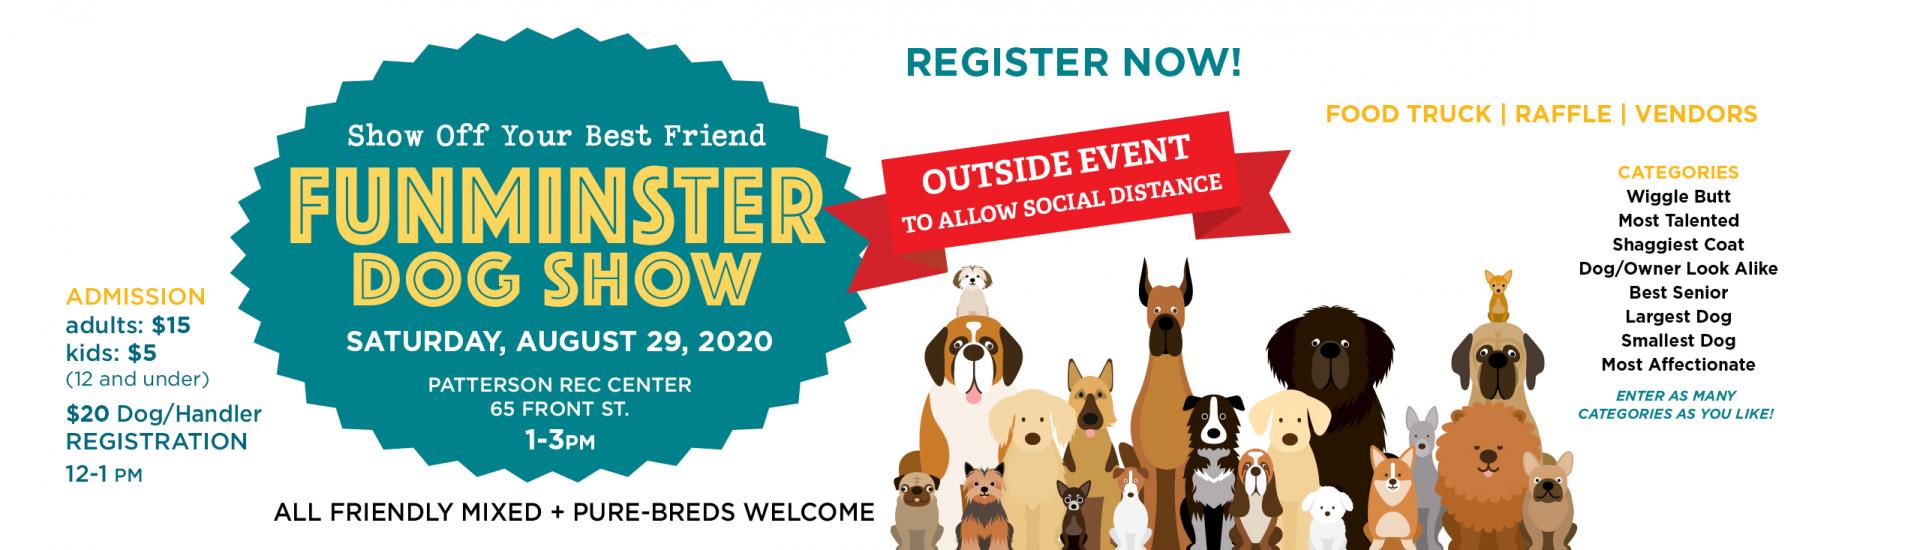 Putnam Service Dogs FunMinster Dog Show